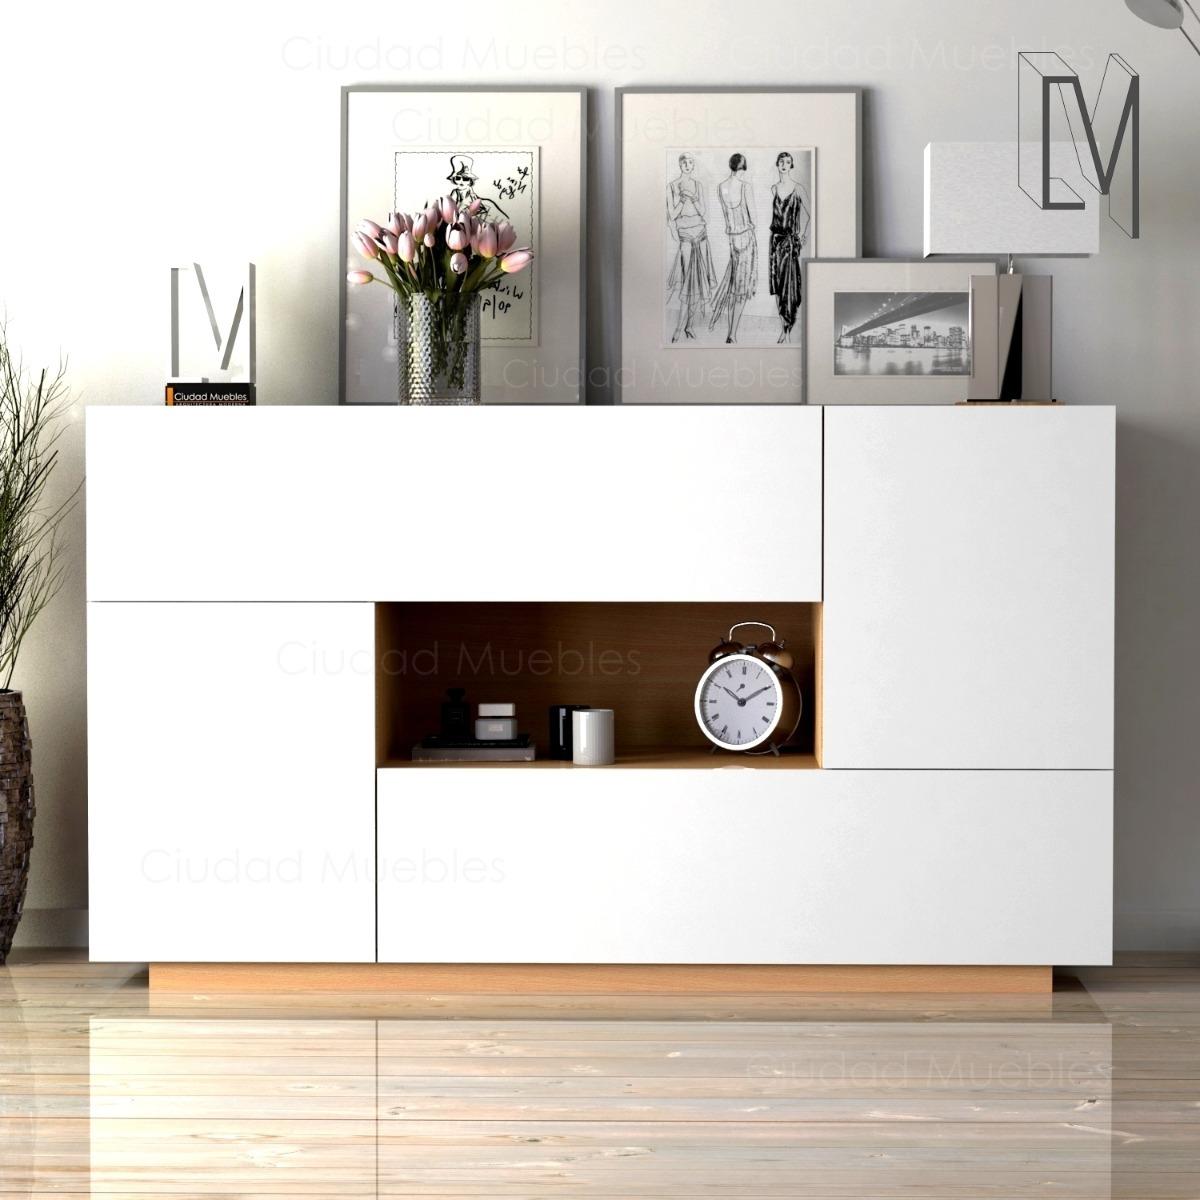 Mueble Vajillero Moderno Comedor 140cm De Largo. Oferta!!!